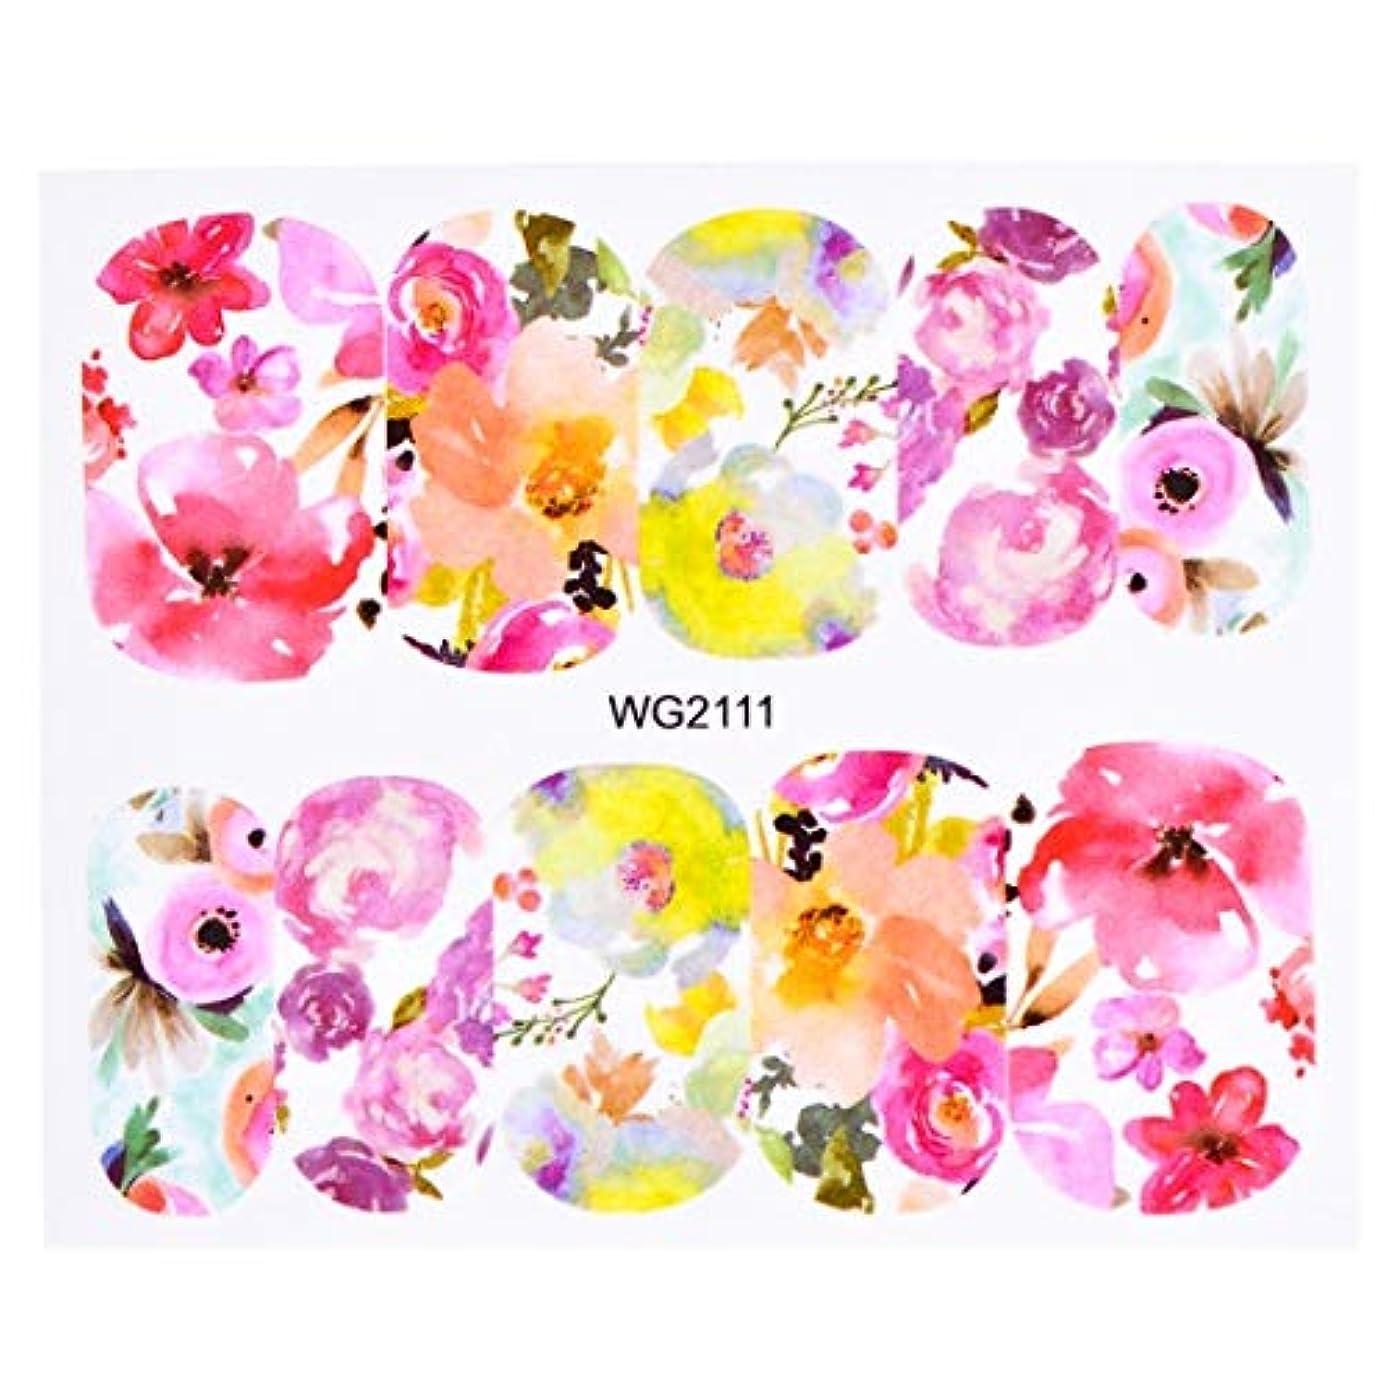 刺繍うめき声ファッションビューティー&パーソナルケア 10個入りフラワーネイルアートデカール(WG2111) ステッカー&デカール (色 : WG2111)